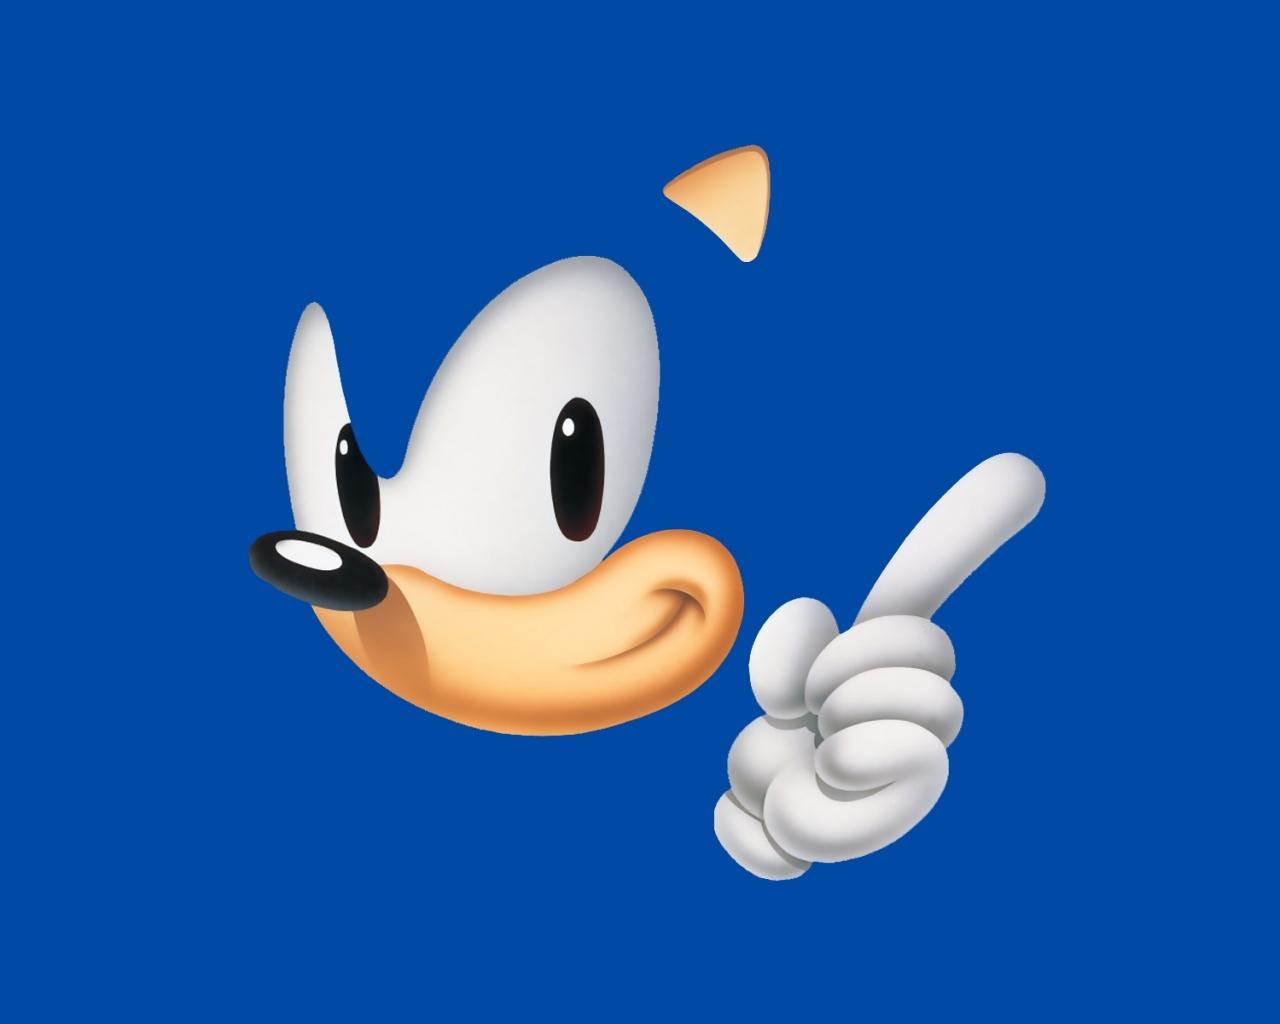 Sonic el erizo - 1280x1024